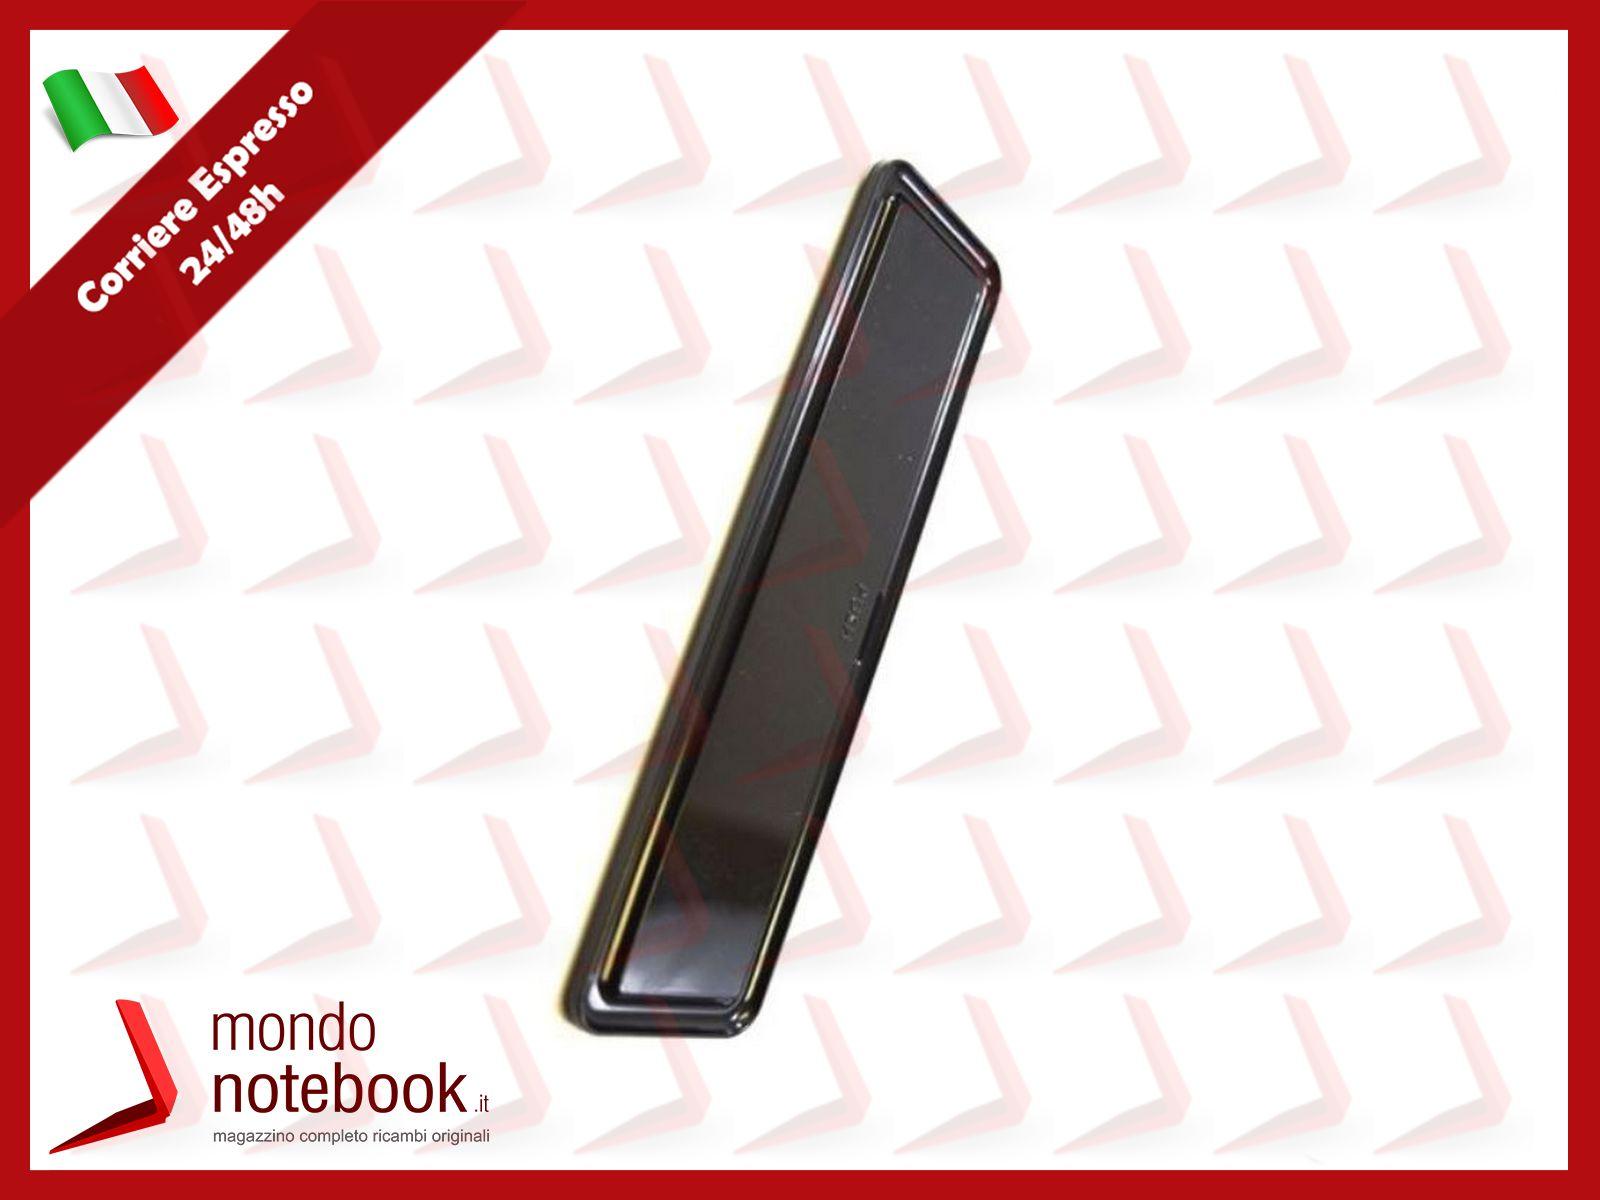 https://www.mondonotebook.it/10794/ventole-fan-apple-macbook-pro-a1286-coppia-ventole.jpg